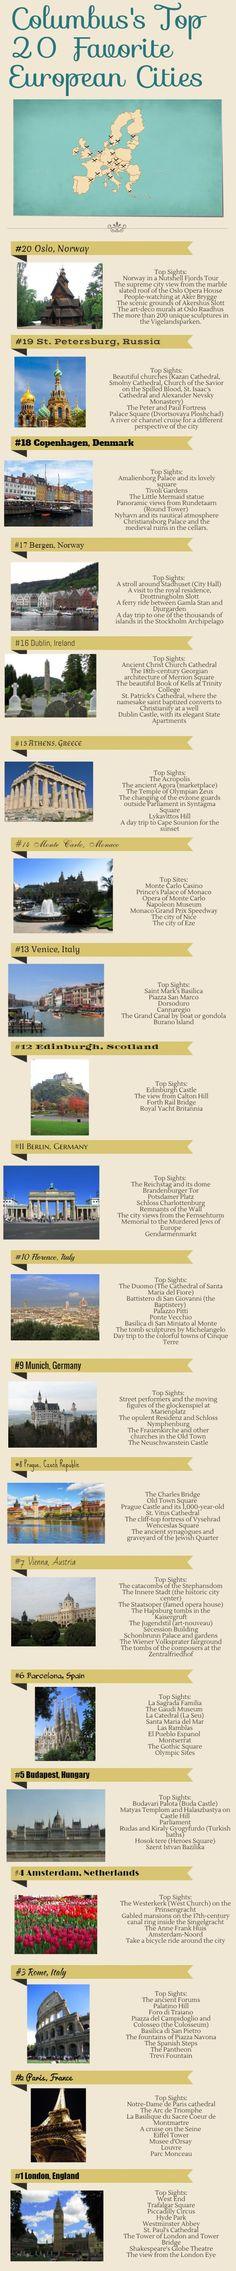 Top 20 European Cities (3)